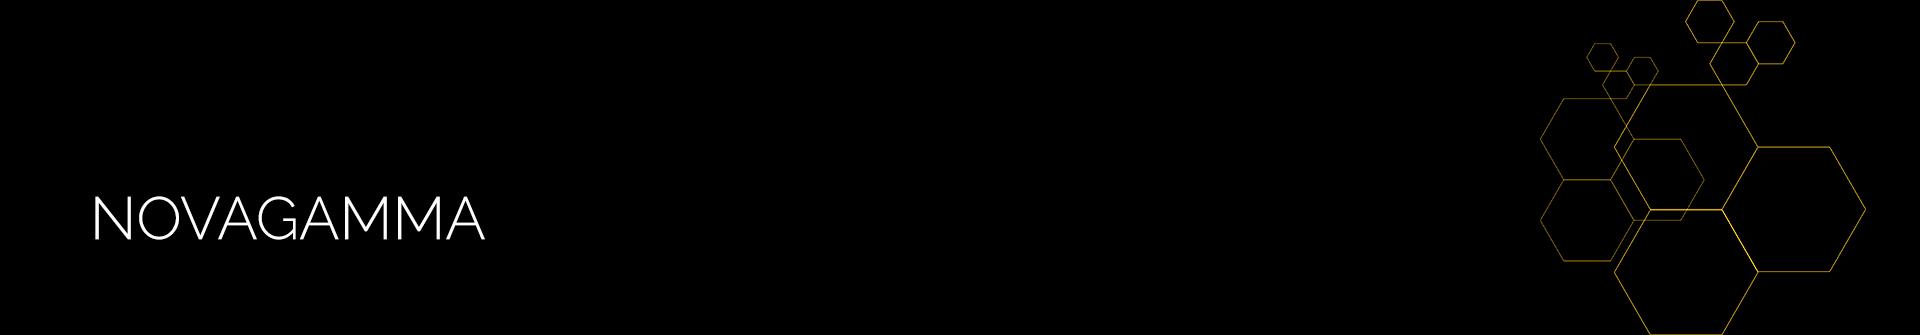 Novagamma